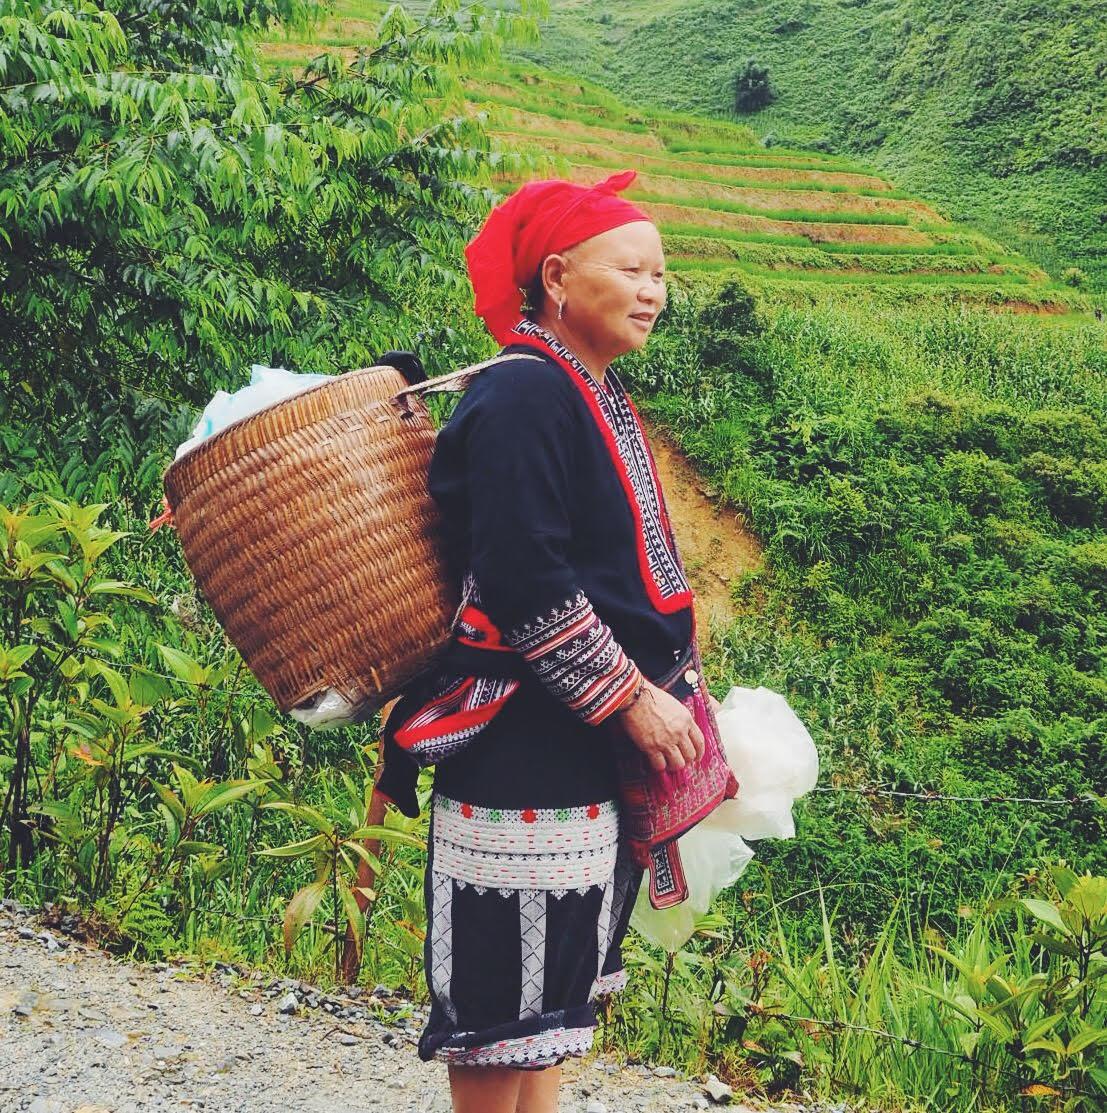 Spottet under Sapa trekking. 53 forskellige stammer i Vietnam: forskellig kultur, tøj og traditioner